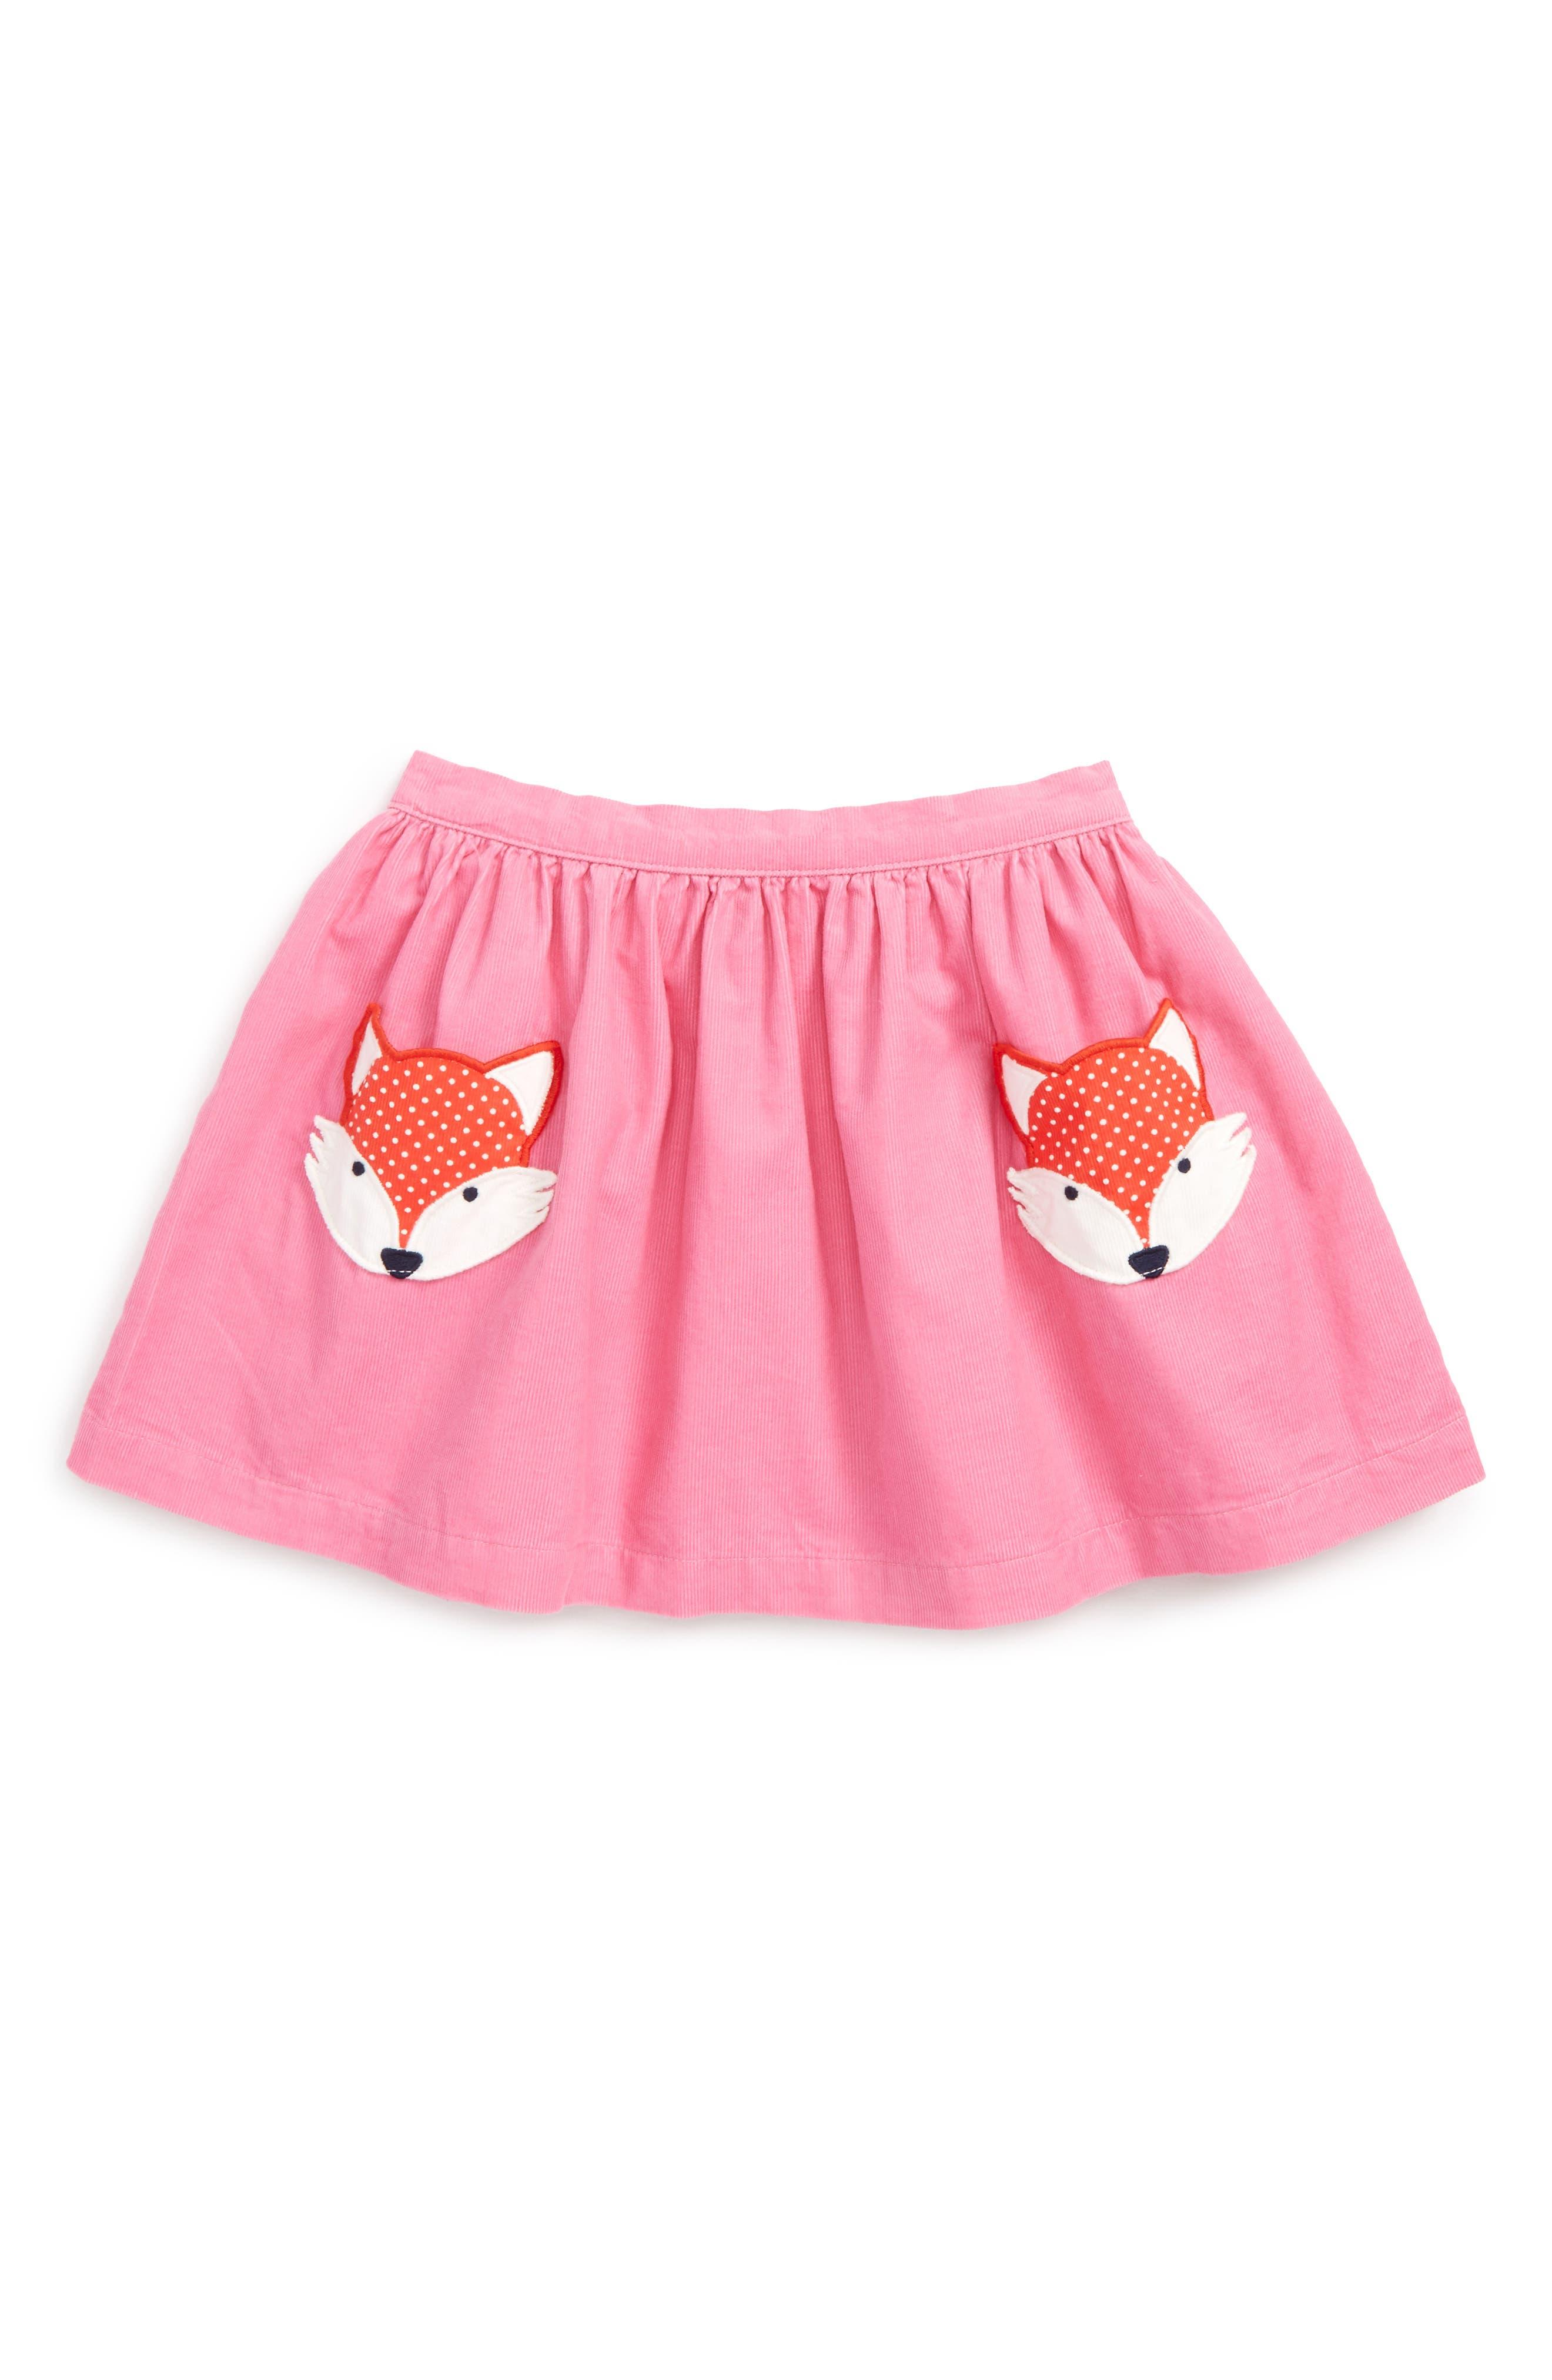 Main Image - Mini Boden Animal Pocket Corduroy Skirt (Toddler Girls, Little Girls & Big Girls)